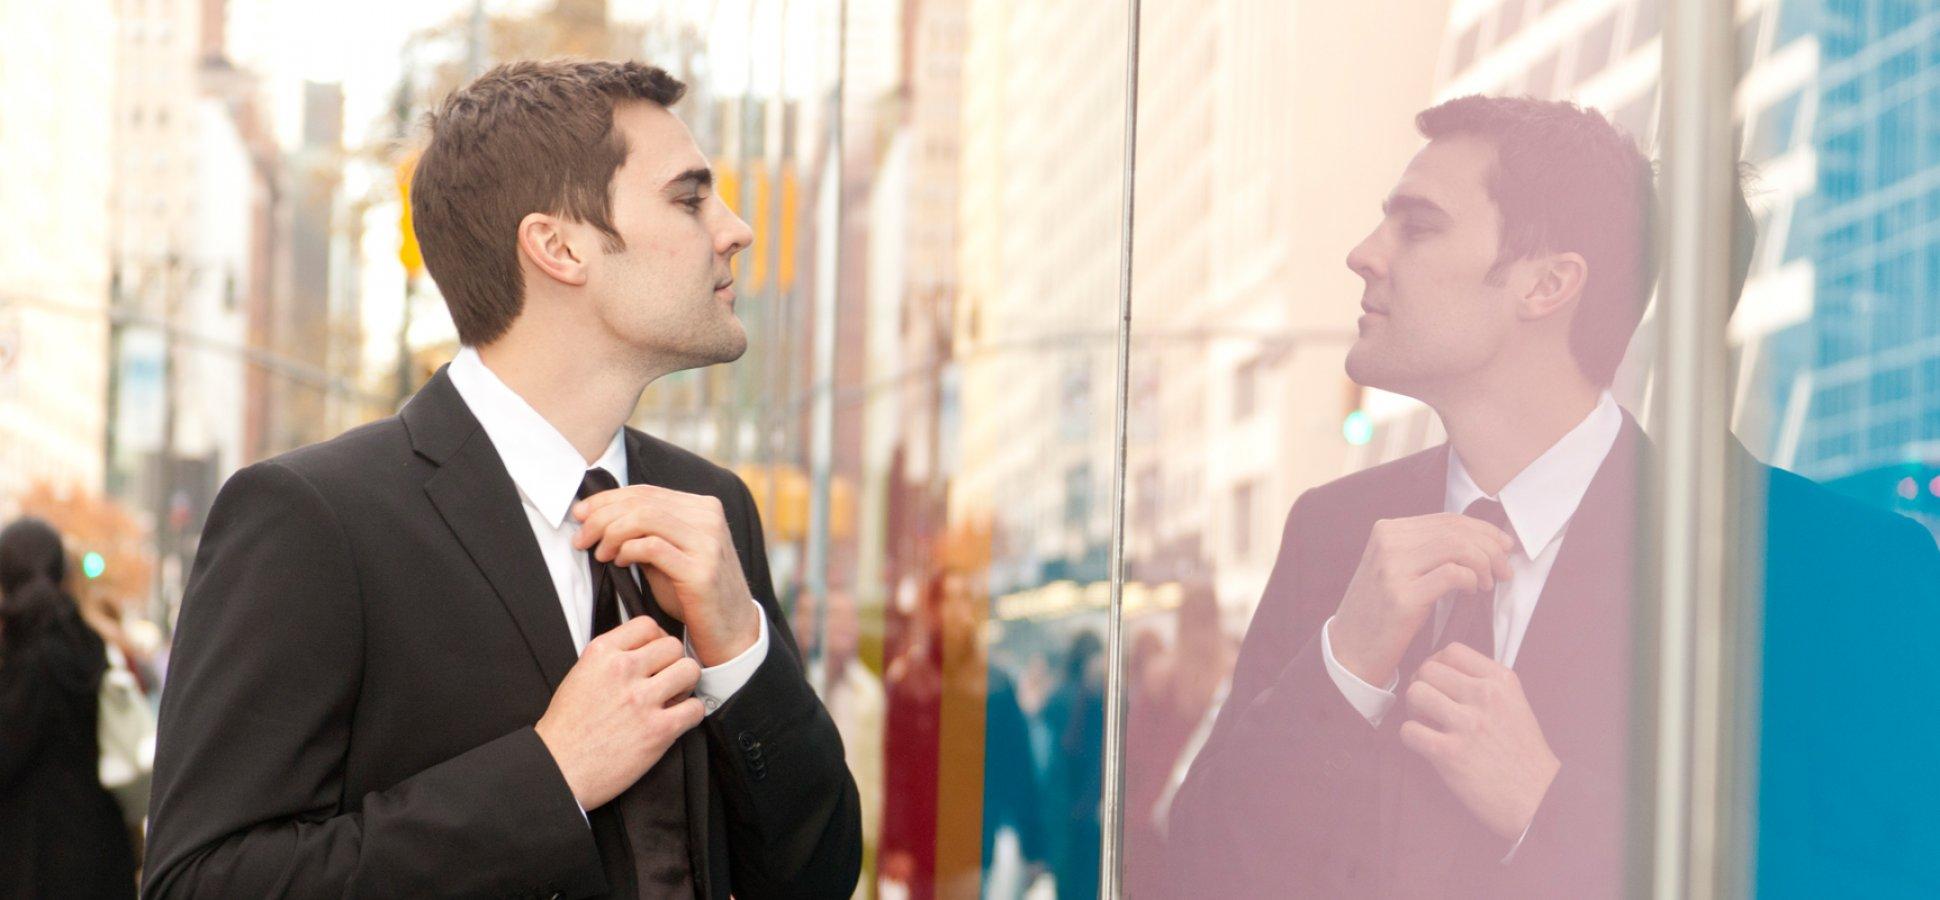 Mirror – proper tie length